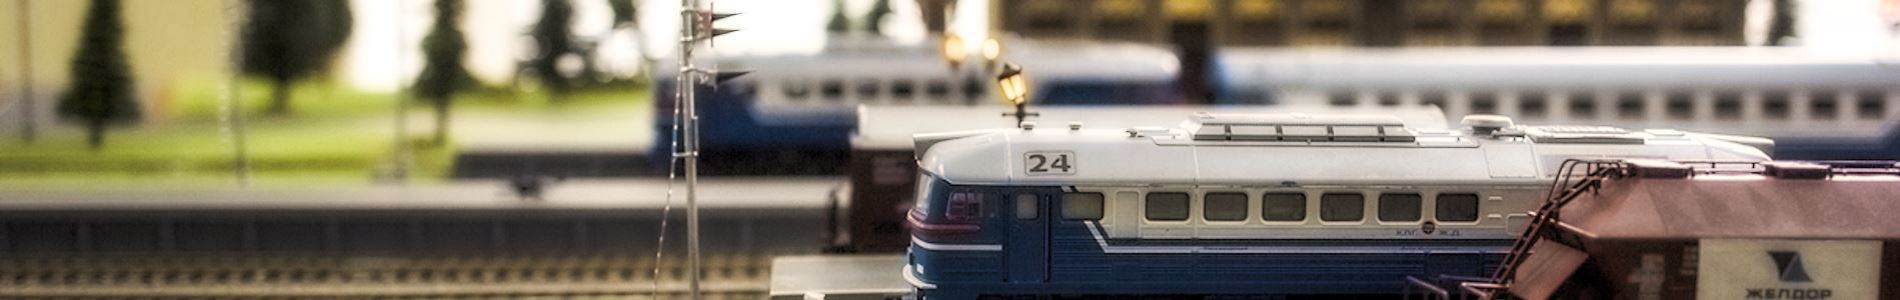 Совещание по вопросам транспортной безопасности в Правительстве Ярославской области